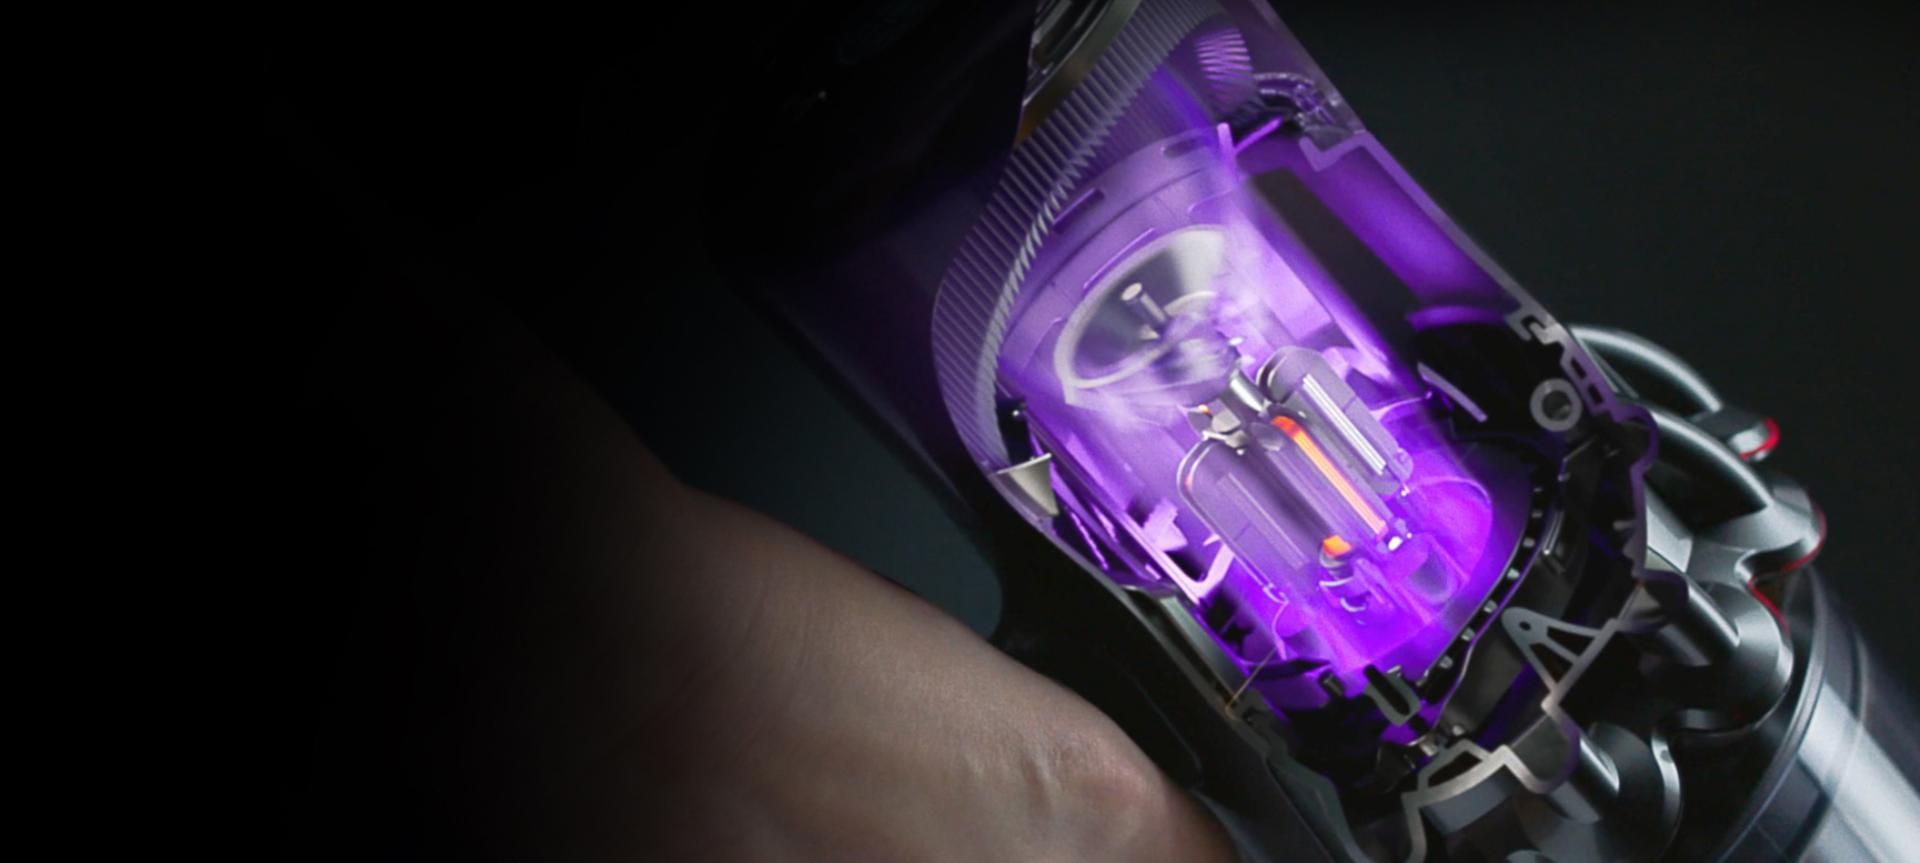 Cutaway diagram of a motor inside a Dyson Digital Slim vacuum cleaner